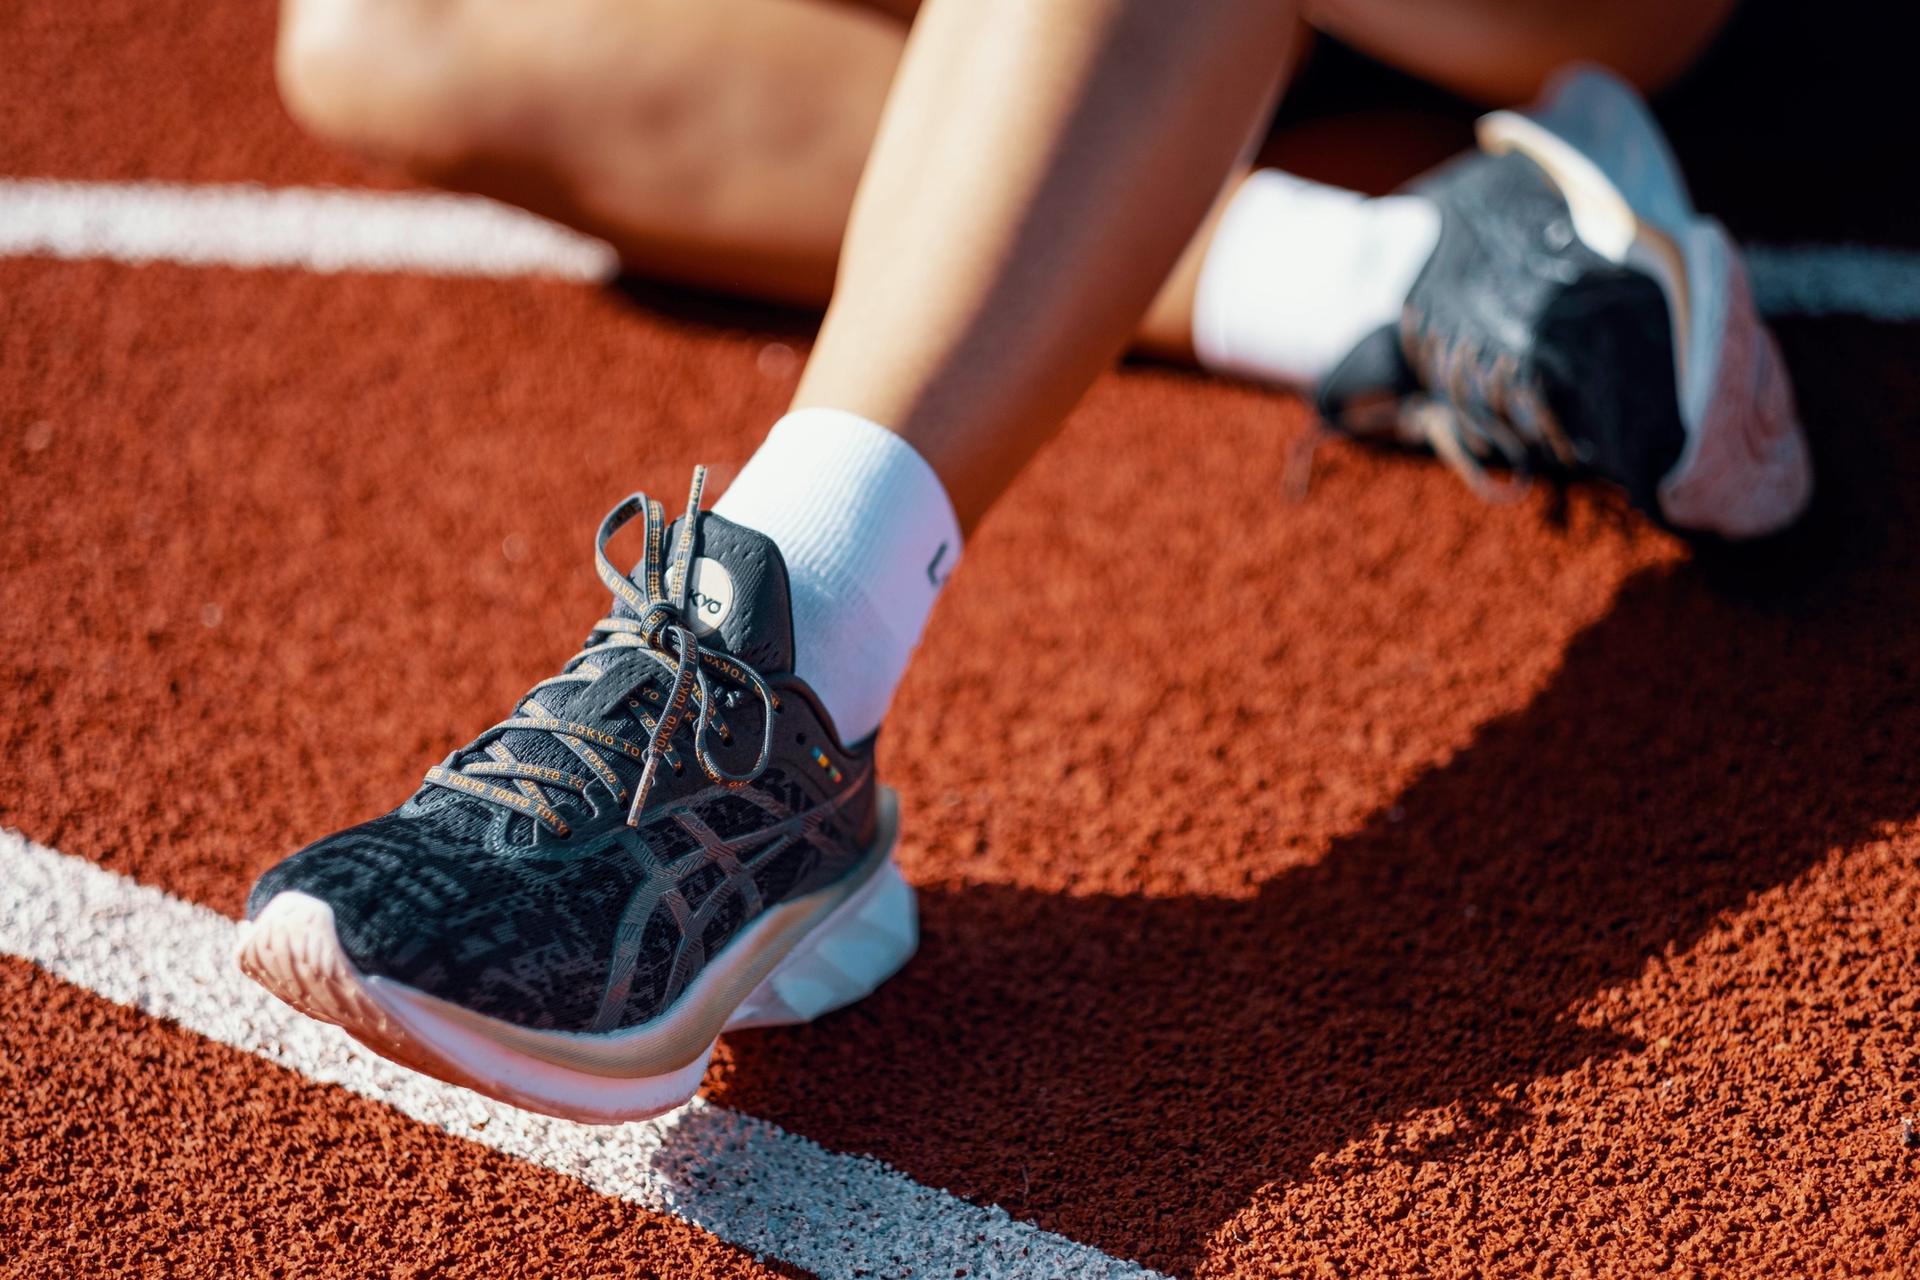 Løpesko med sokker på bane